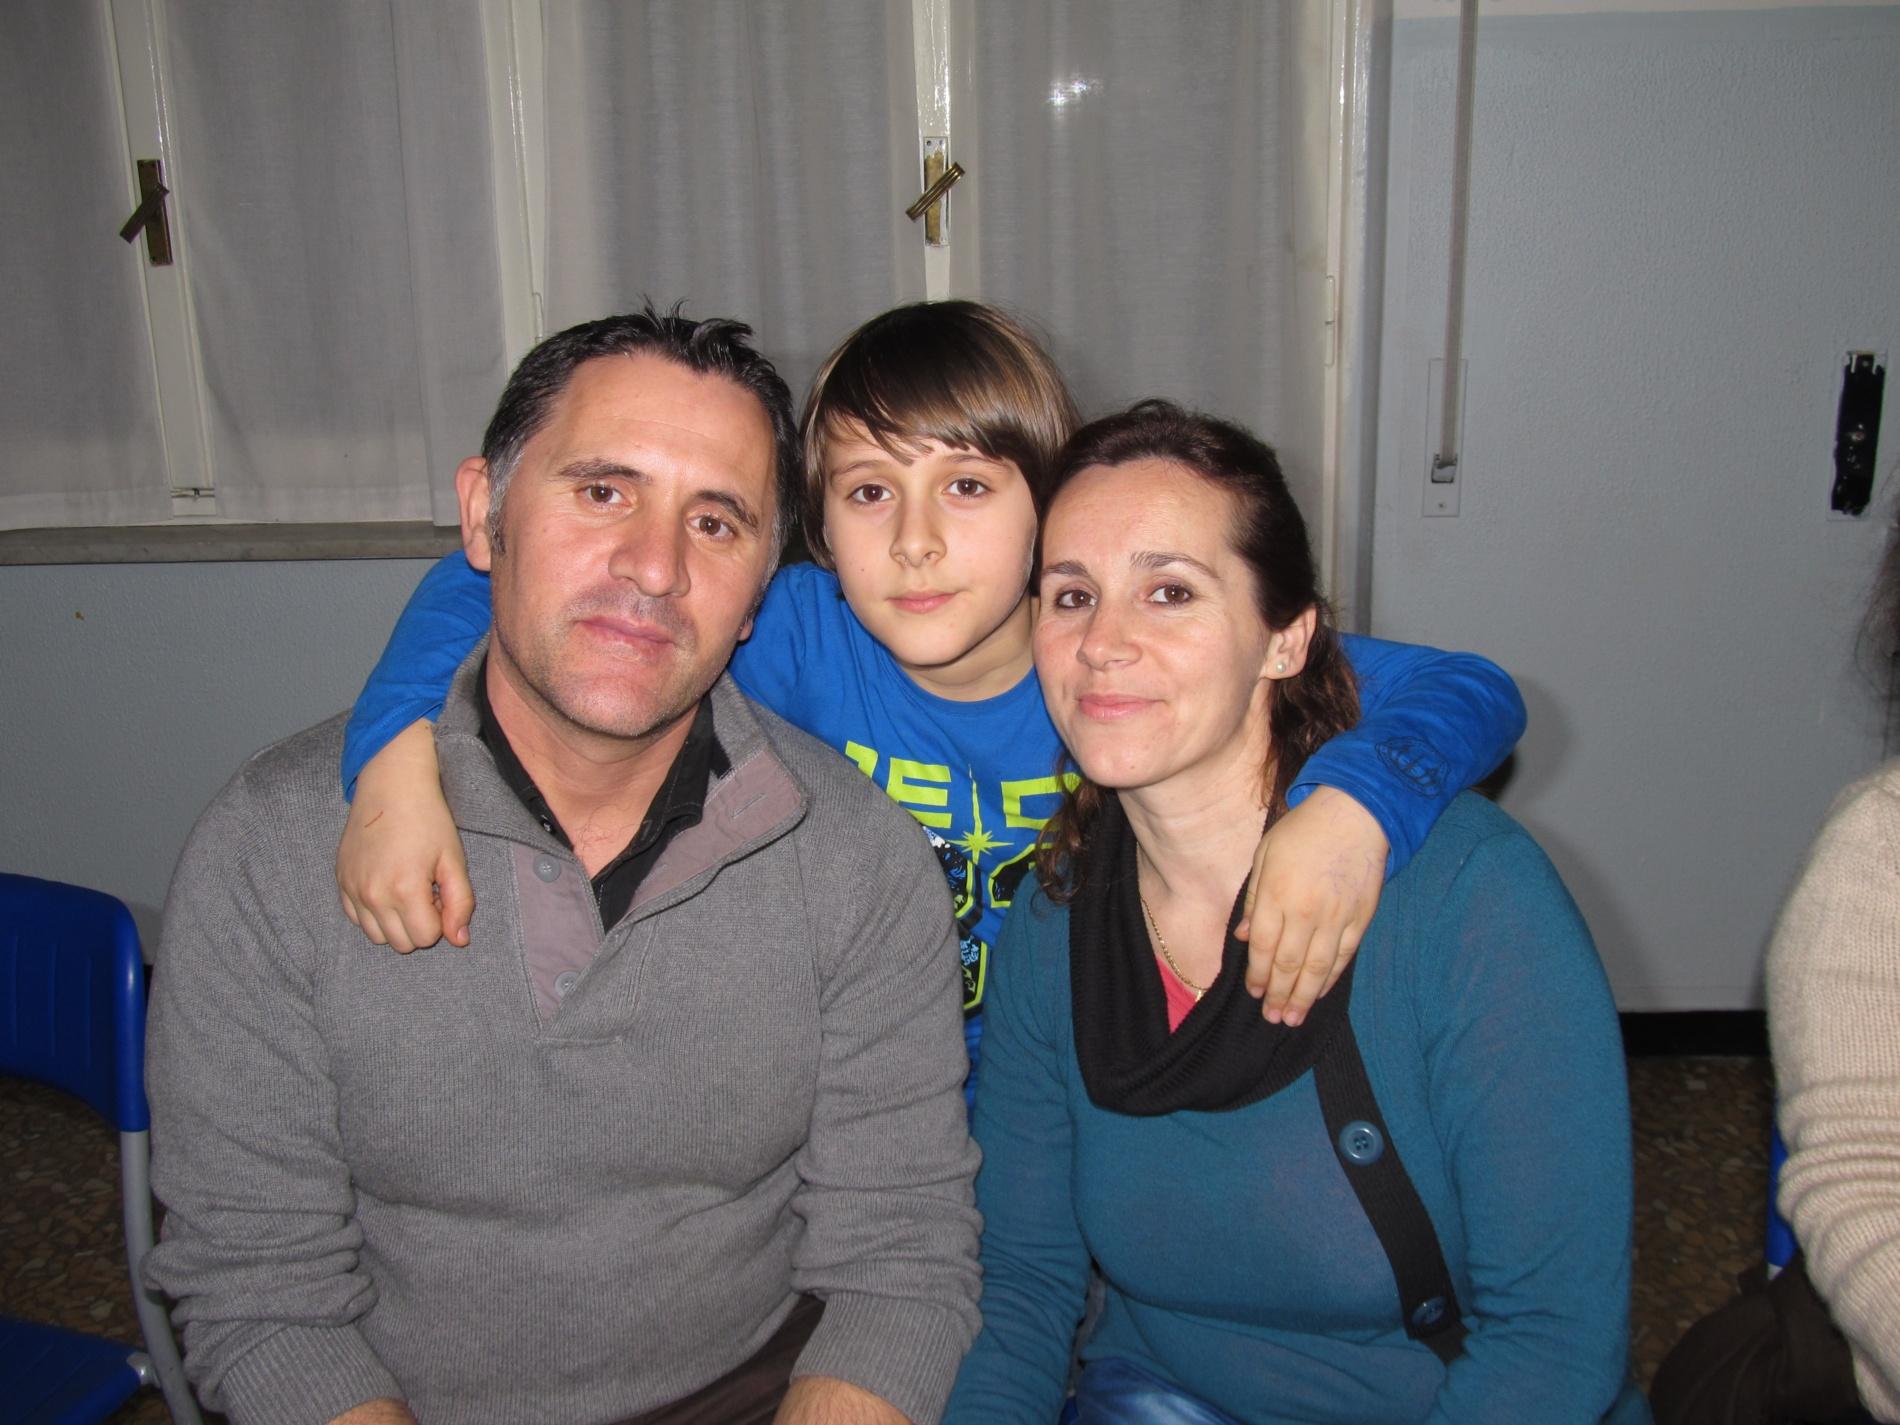 cena-famiglie-comunione-2015-02-07-20-21-11